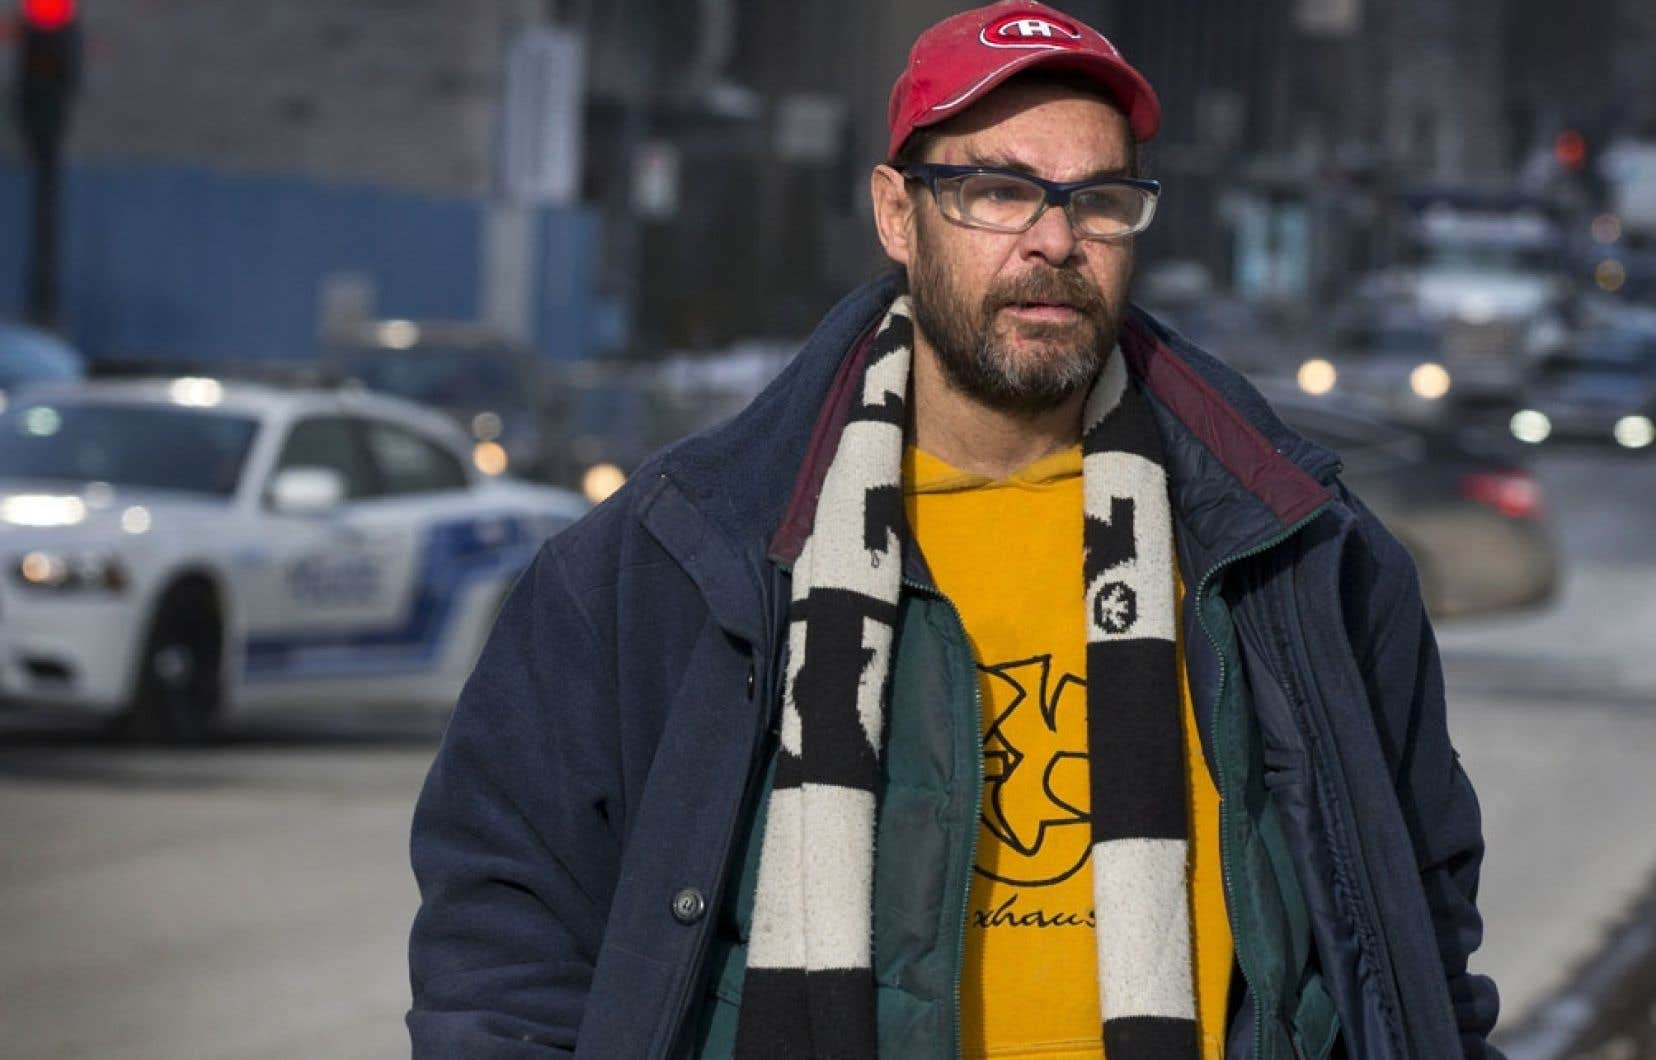 Jack, 44 ans, a fait des études en cinéma. Après s'être retrouvé dans la rue, il a recommencé à travailler à l'écriture d'un scénario.